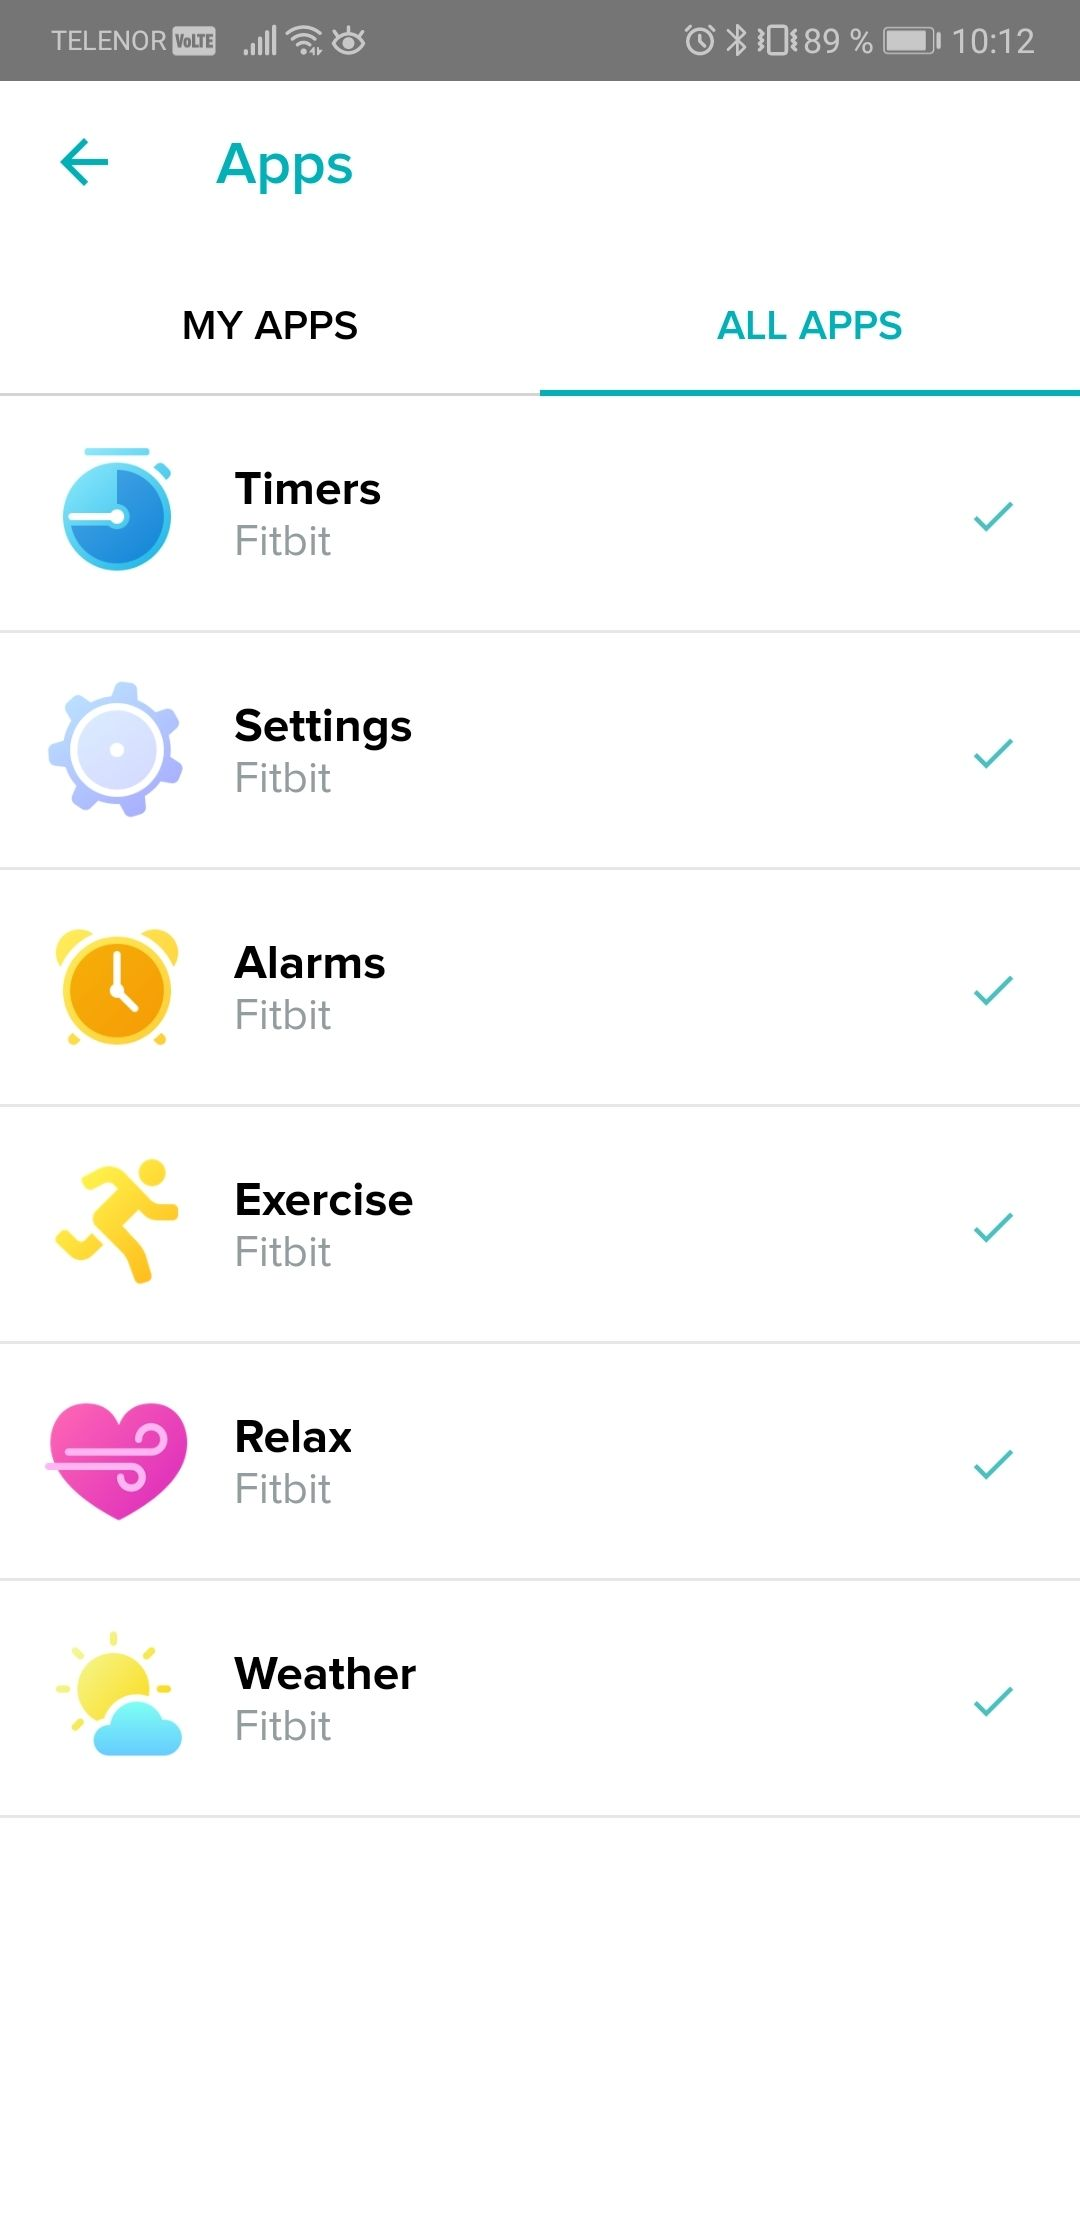 Det er få apper du kan legge til. Her ønsker vi oss flere alternativer.